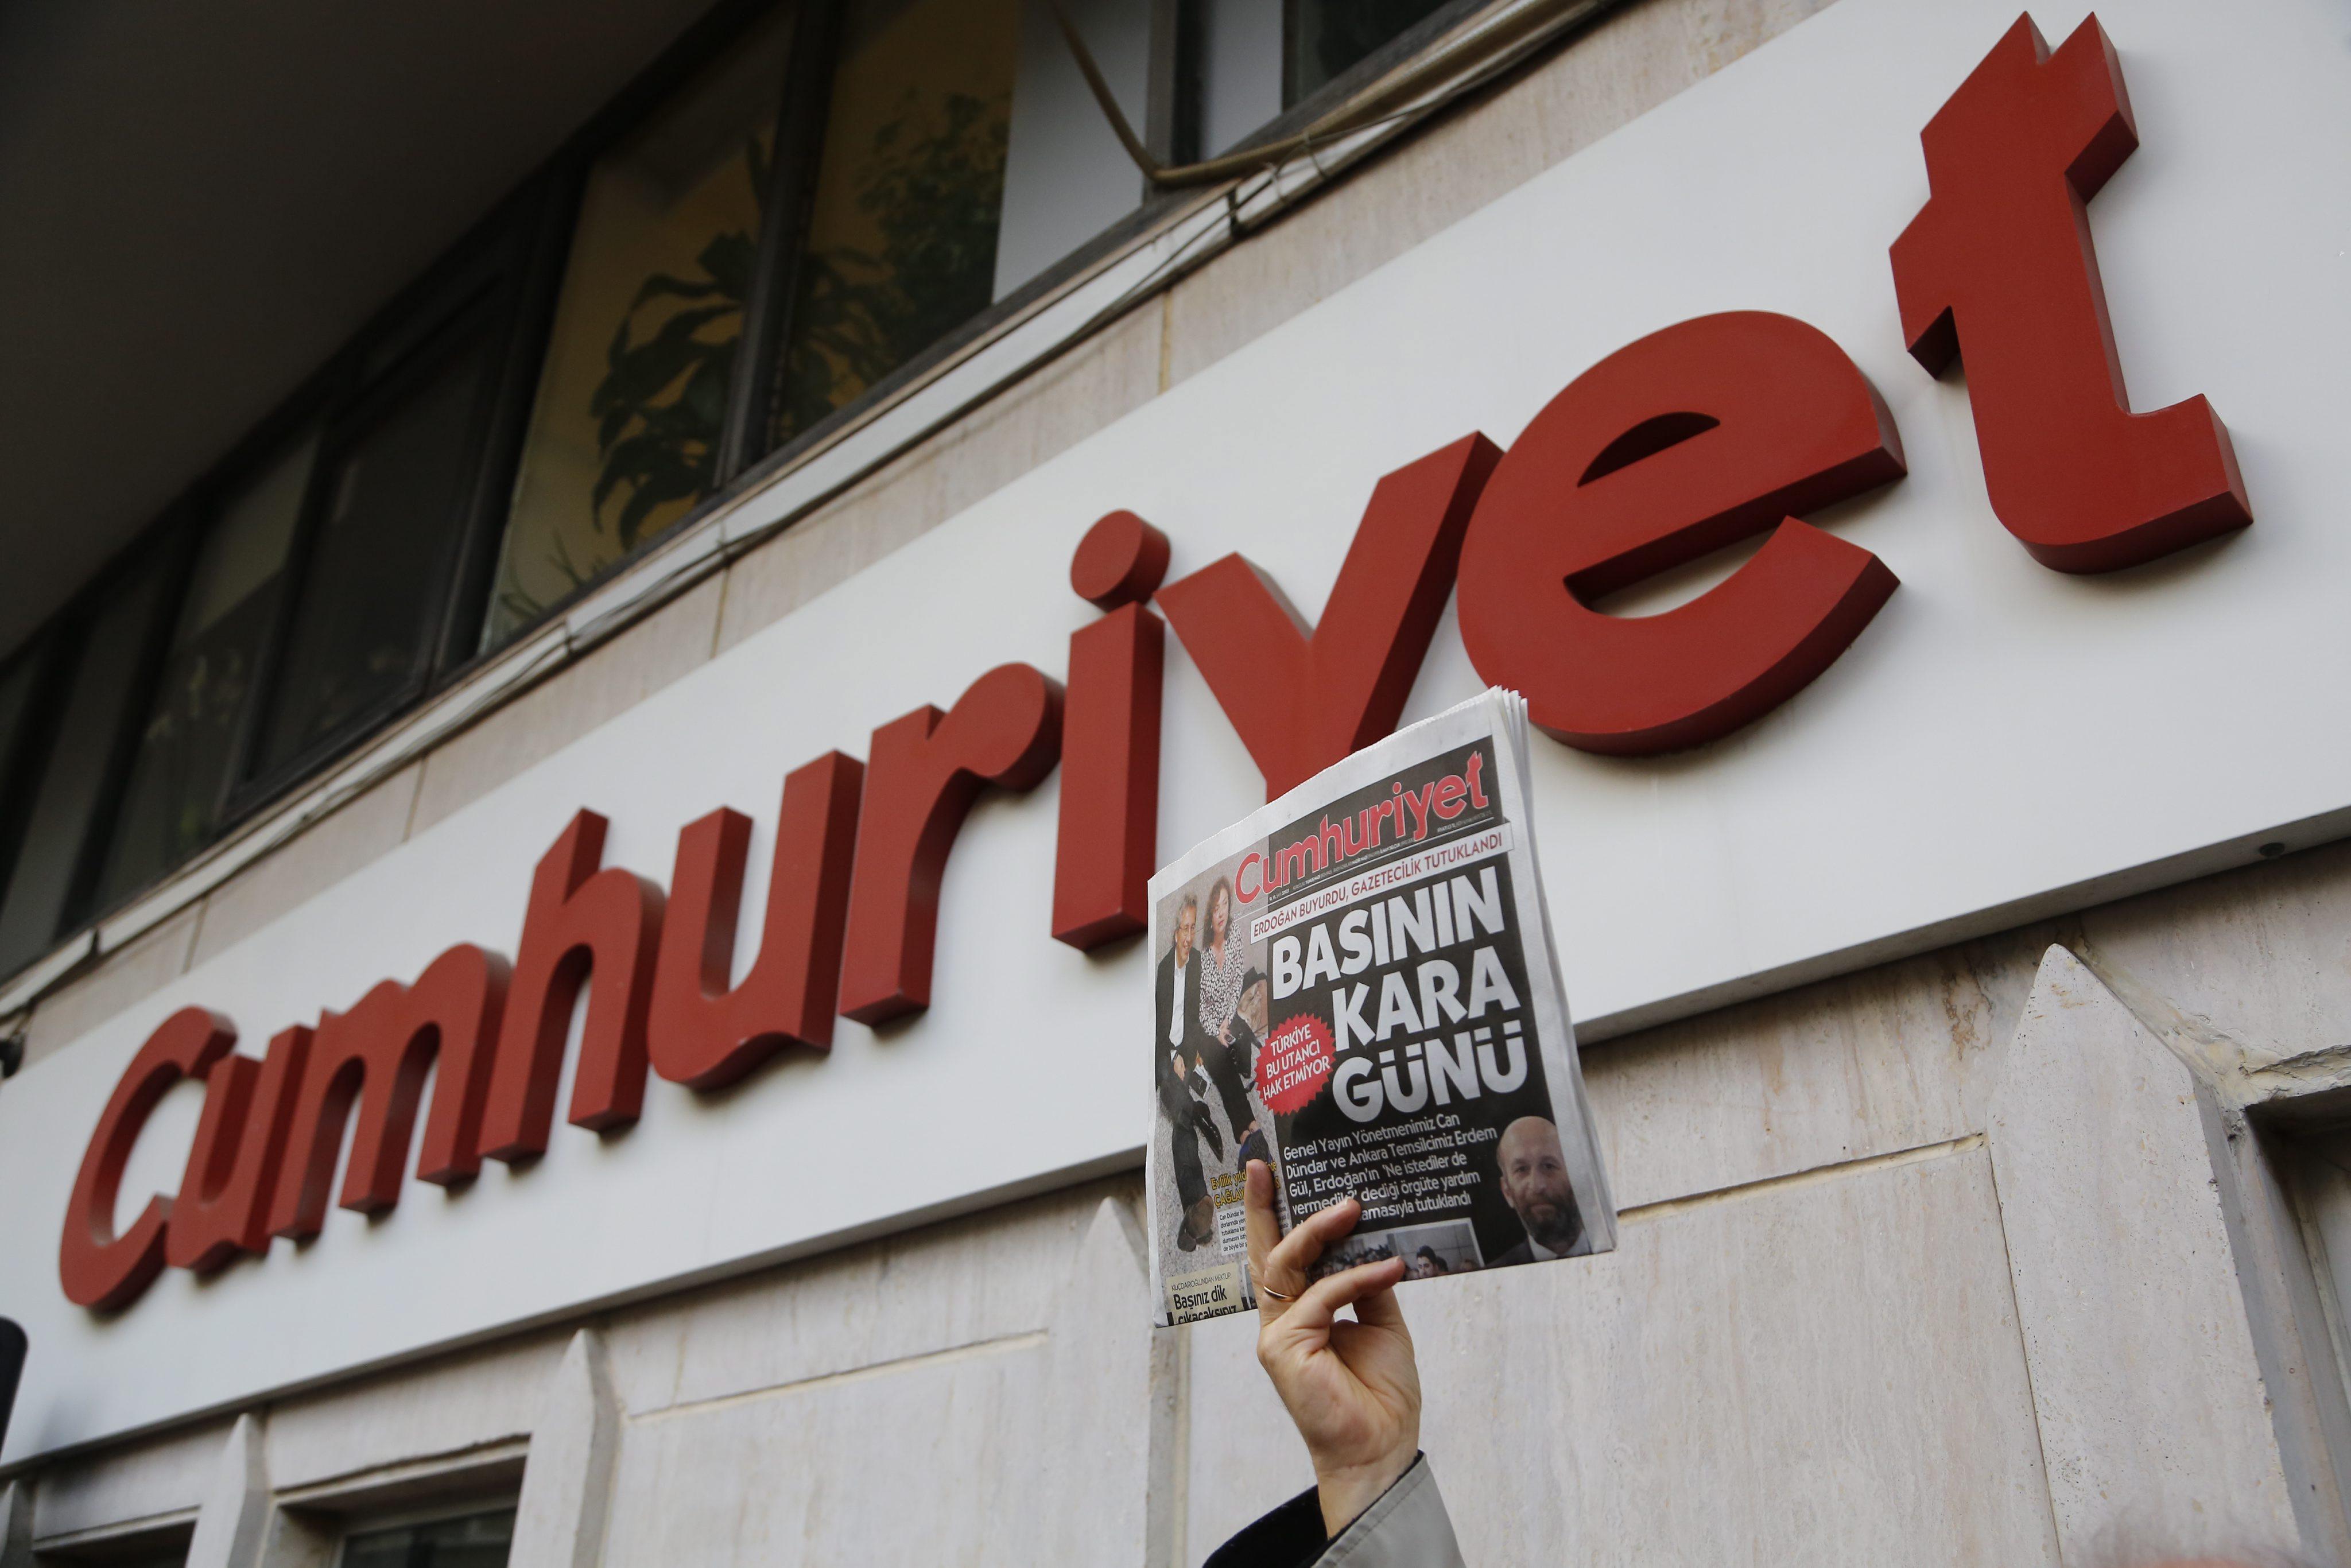 Ολοκληρωτικό πλήγμα για τον Τύπο στην Τουρκία | tovima.gr